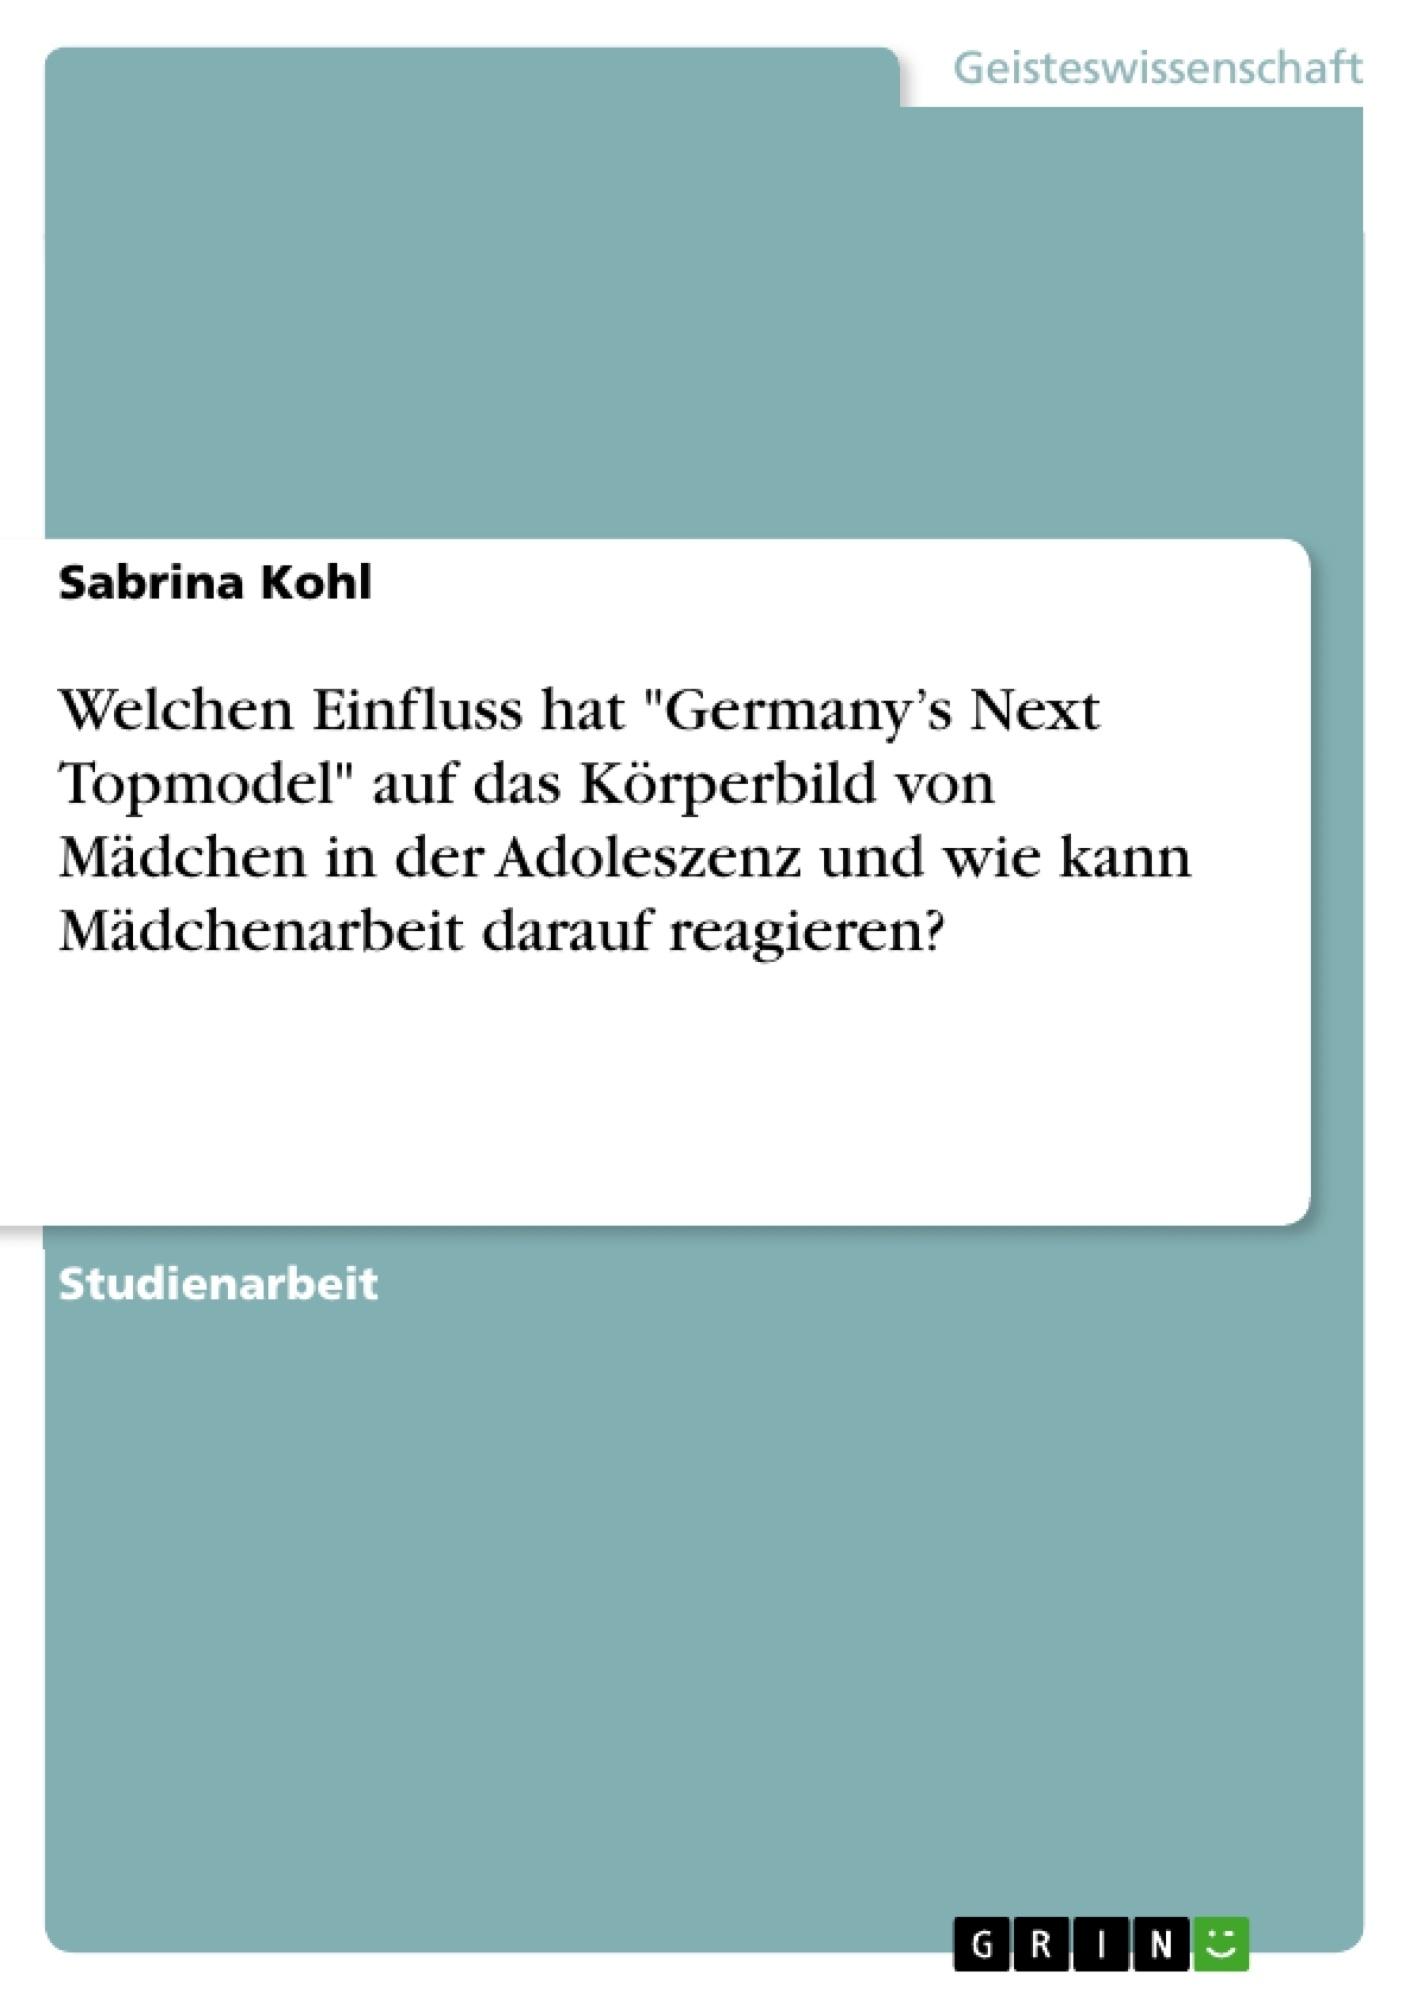 """Titel: Welchen Einfluss hat """"Germany's Next Topmodel"""" auf das Körperbild von Mädchen in der Adoleszenz und wie kann Mädchenarbeit darauf reagieren?"""